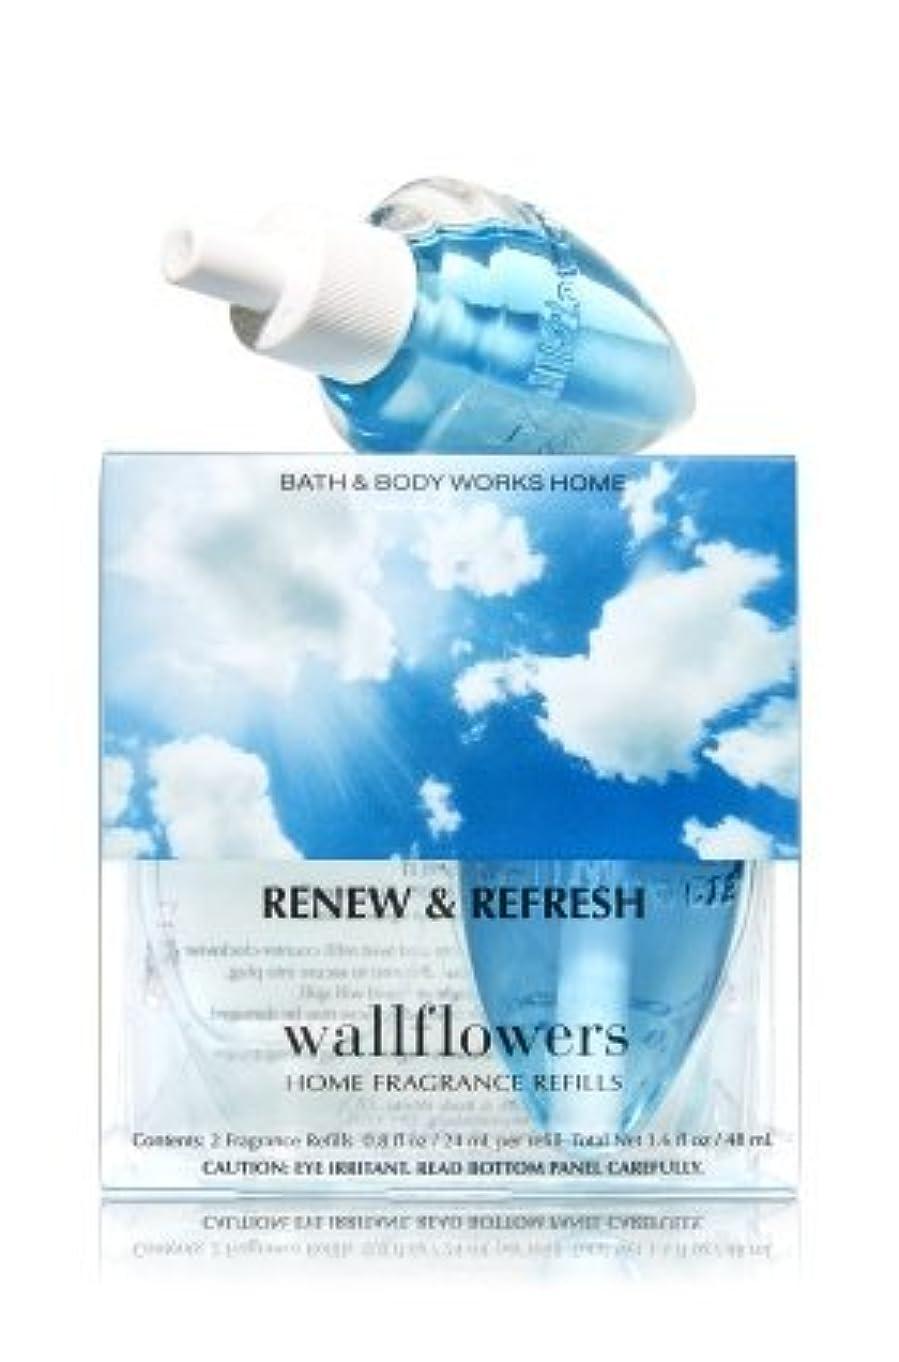 急勾配の死にかけているコピー【Bath&Body Works/バス&ボディワークス】 ホームフレグランス 詰替えリフィル(2個入り) リニュー&リフレッシュ Wallflowers Home Fragrance 2-Pack Refills Renew & Refresh [並行輸入品]